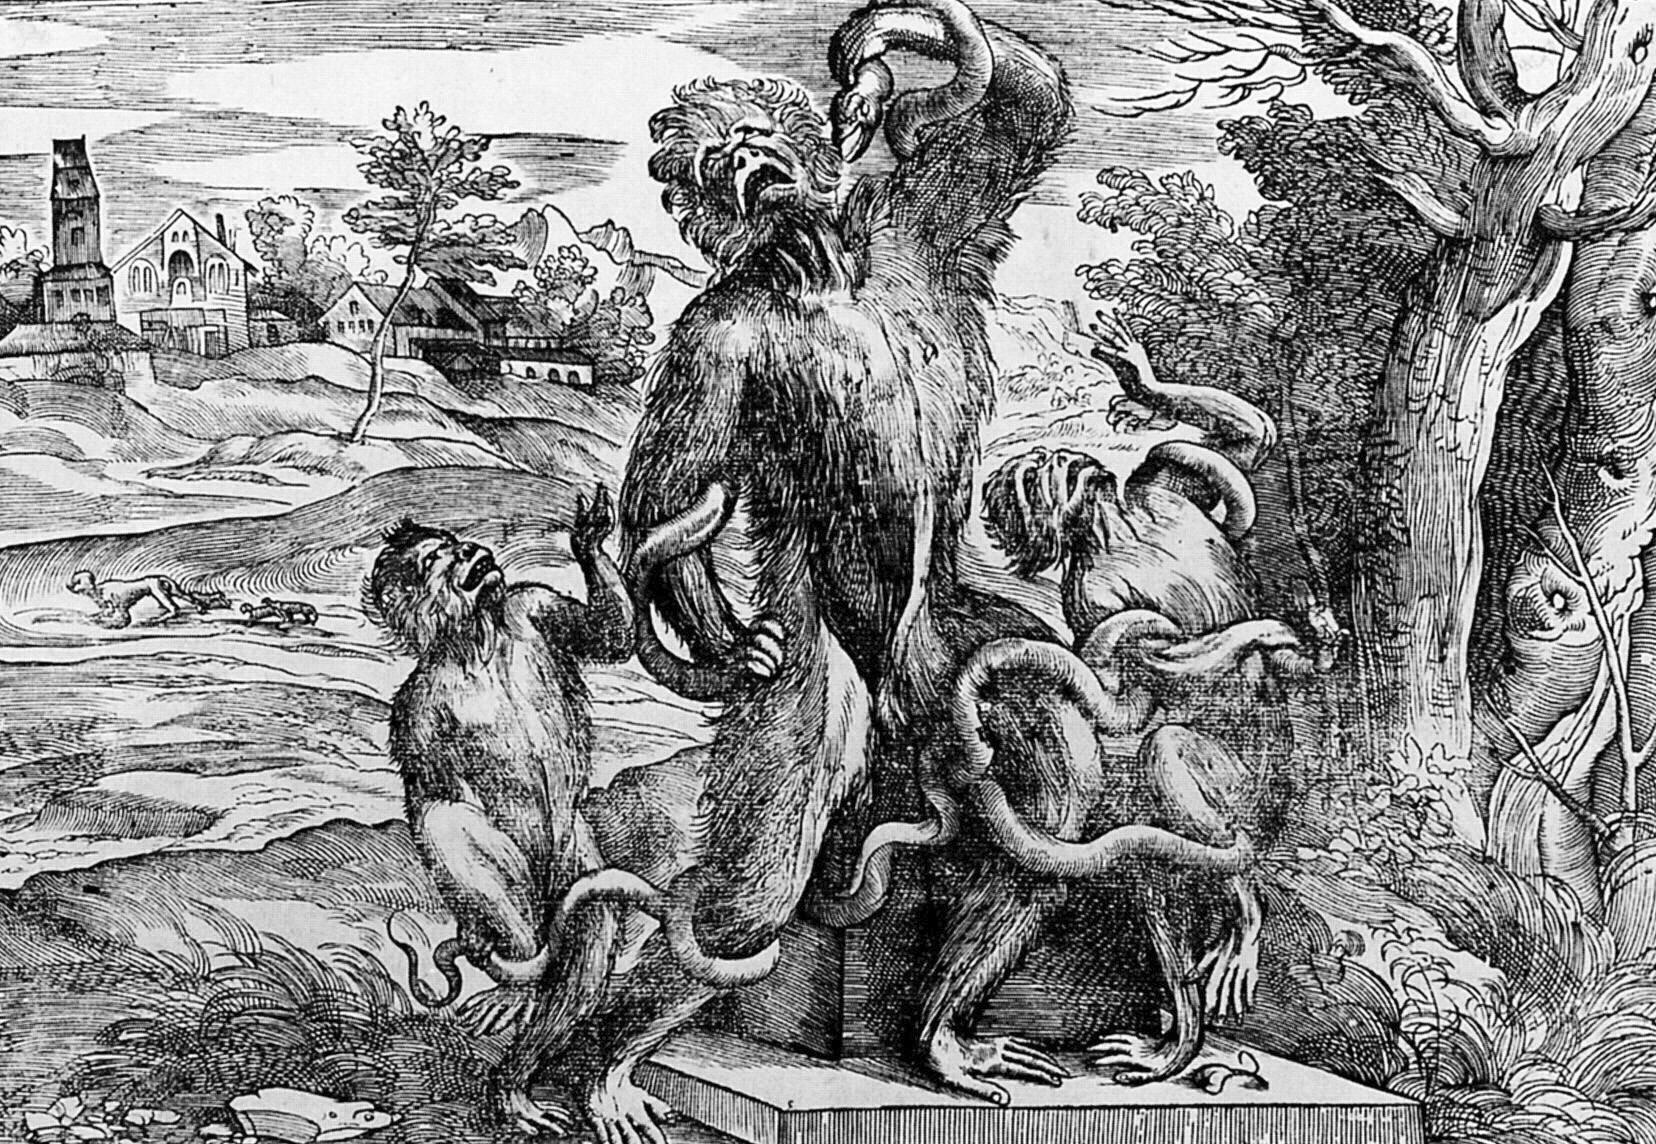 Laokoon ijego synowie Źródło: Niccolò Boldrini, Laokoon ijego synowie, ok. 1545, drzeworyt, Albertina, domena publiczna.